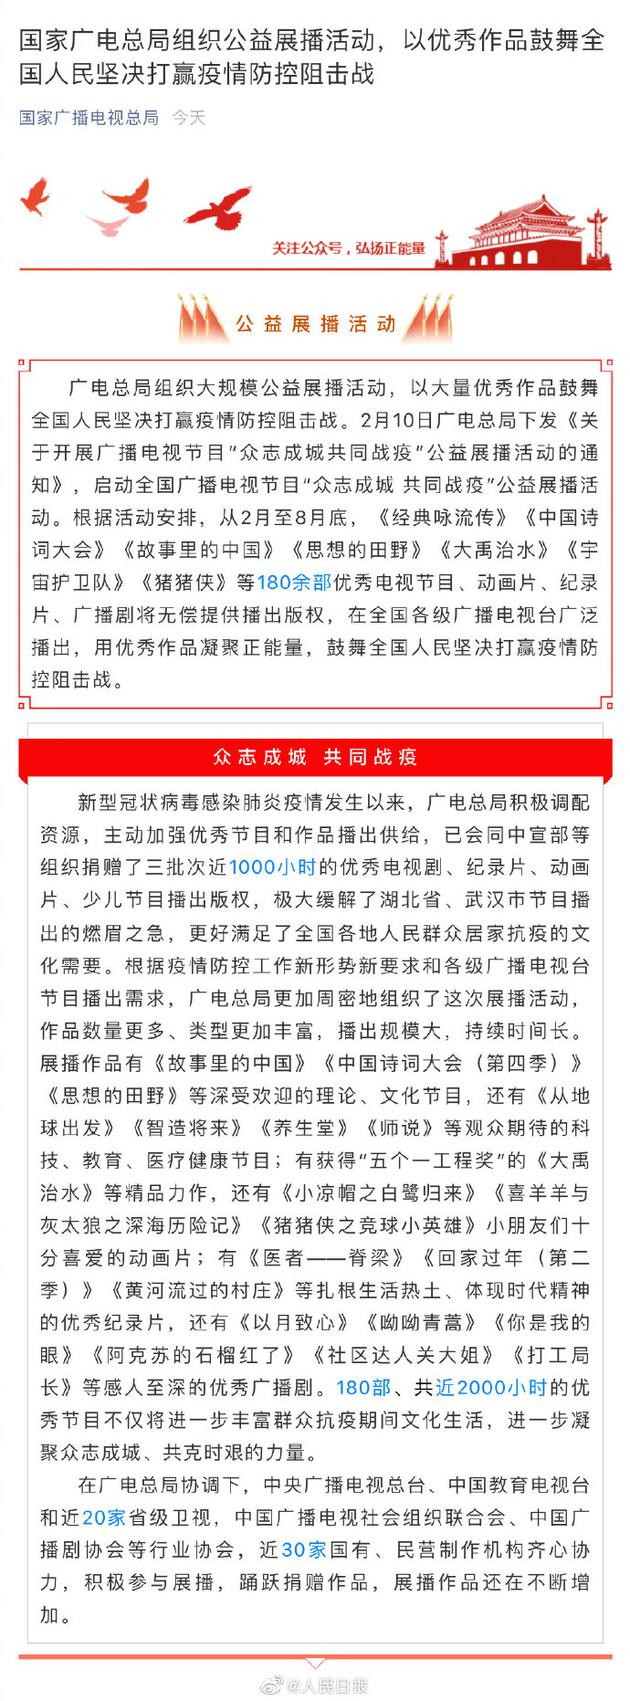 广电总局免费挑供180部特出节现在